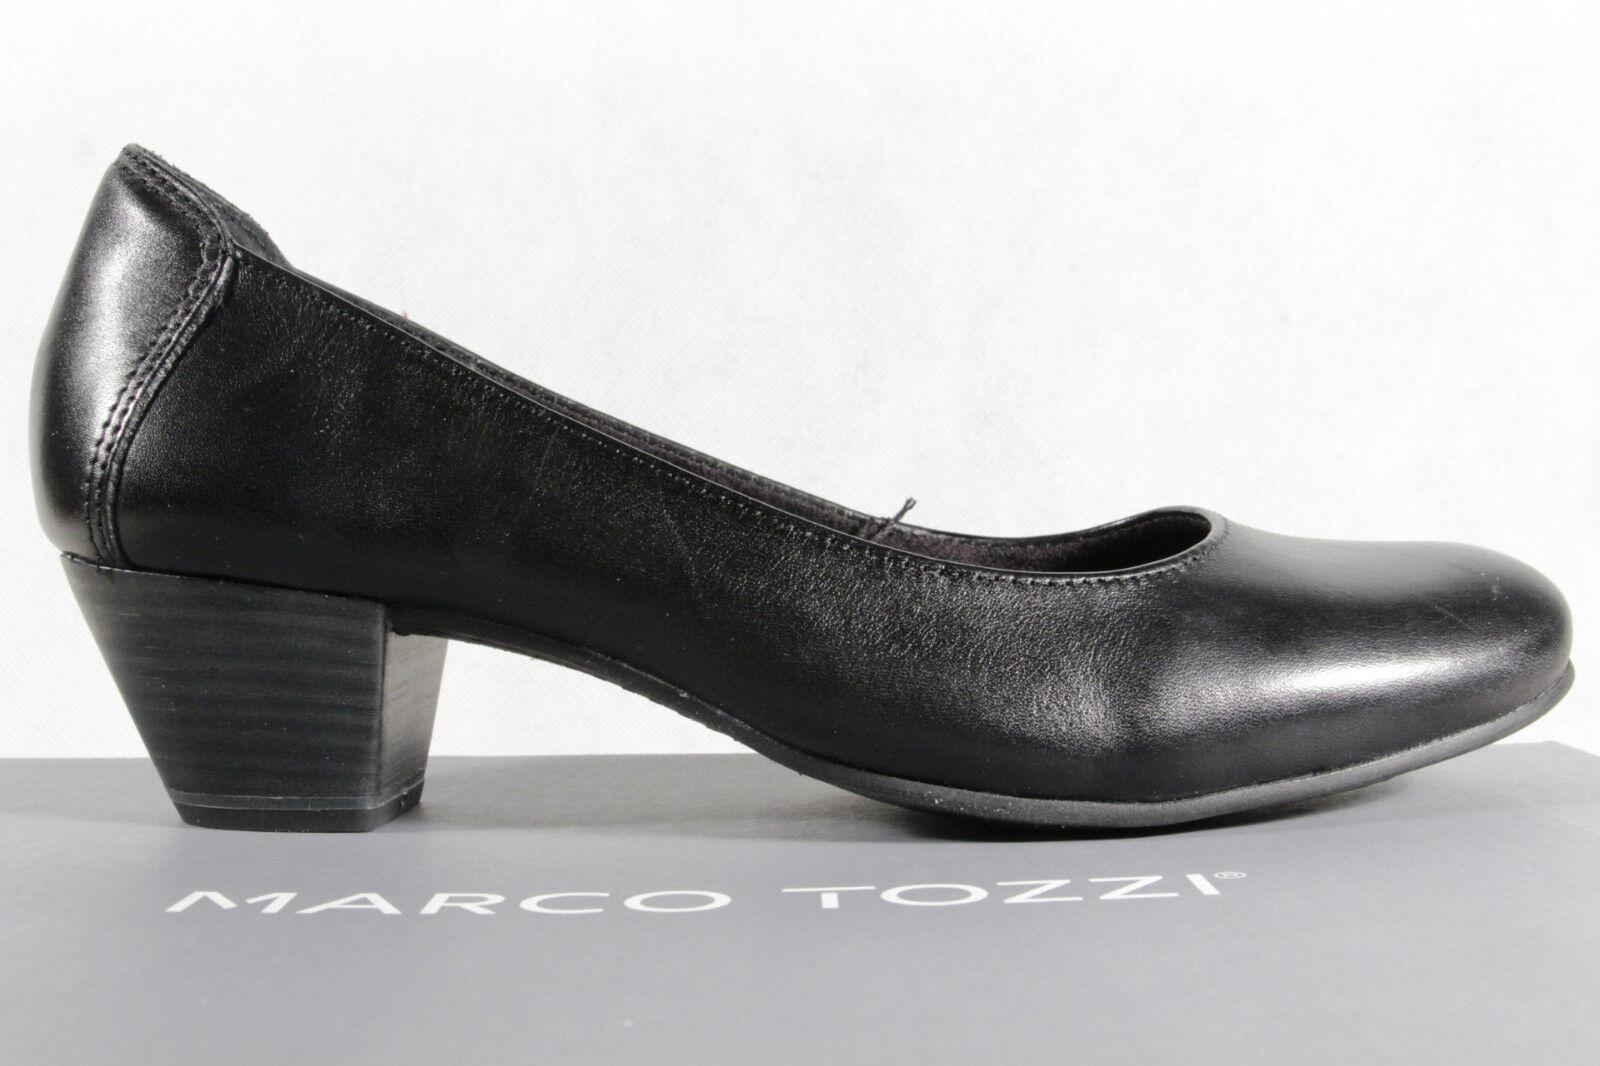 Homme / femme Marco Tozzi Escarpins Ballerines Noir Neuf Économique Économique Économique et pratique confortabilité affaires | Luxuriant Dans La Conception  60ef47